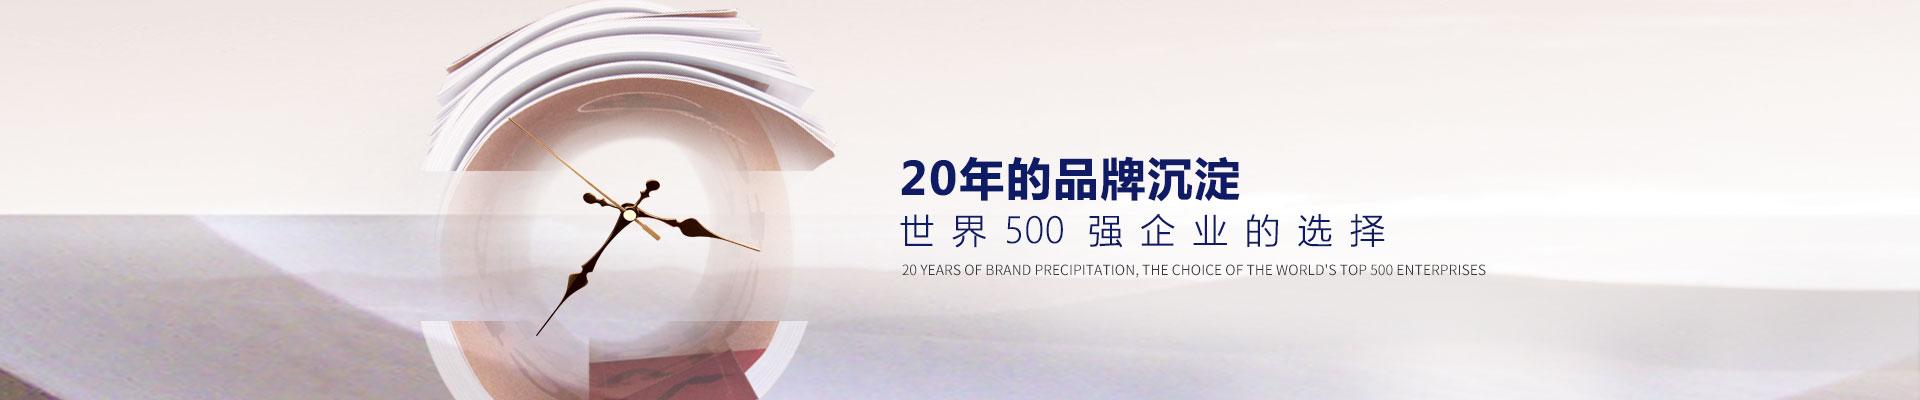 20年的品牌沉淀,世界500强企业的选择-承毅塑胶